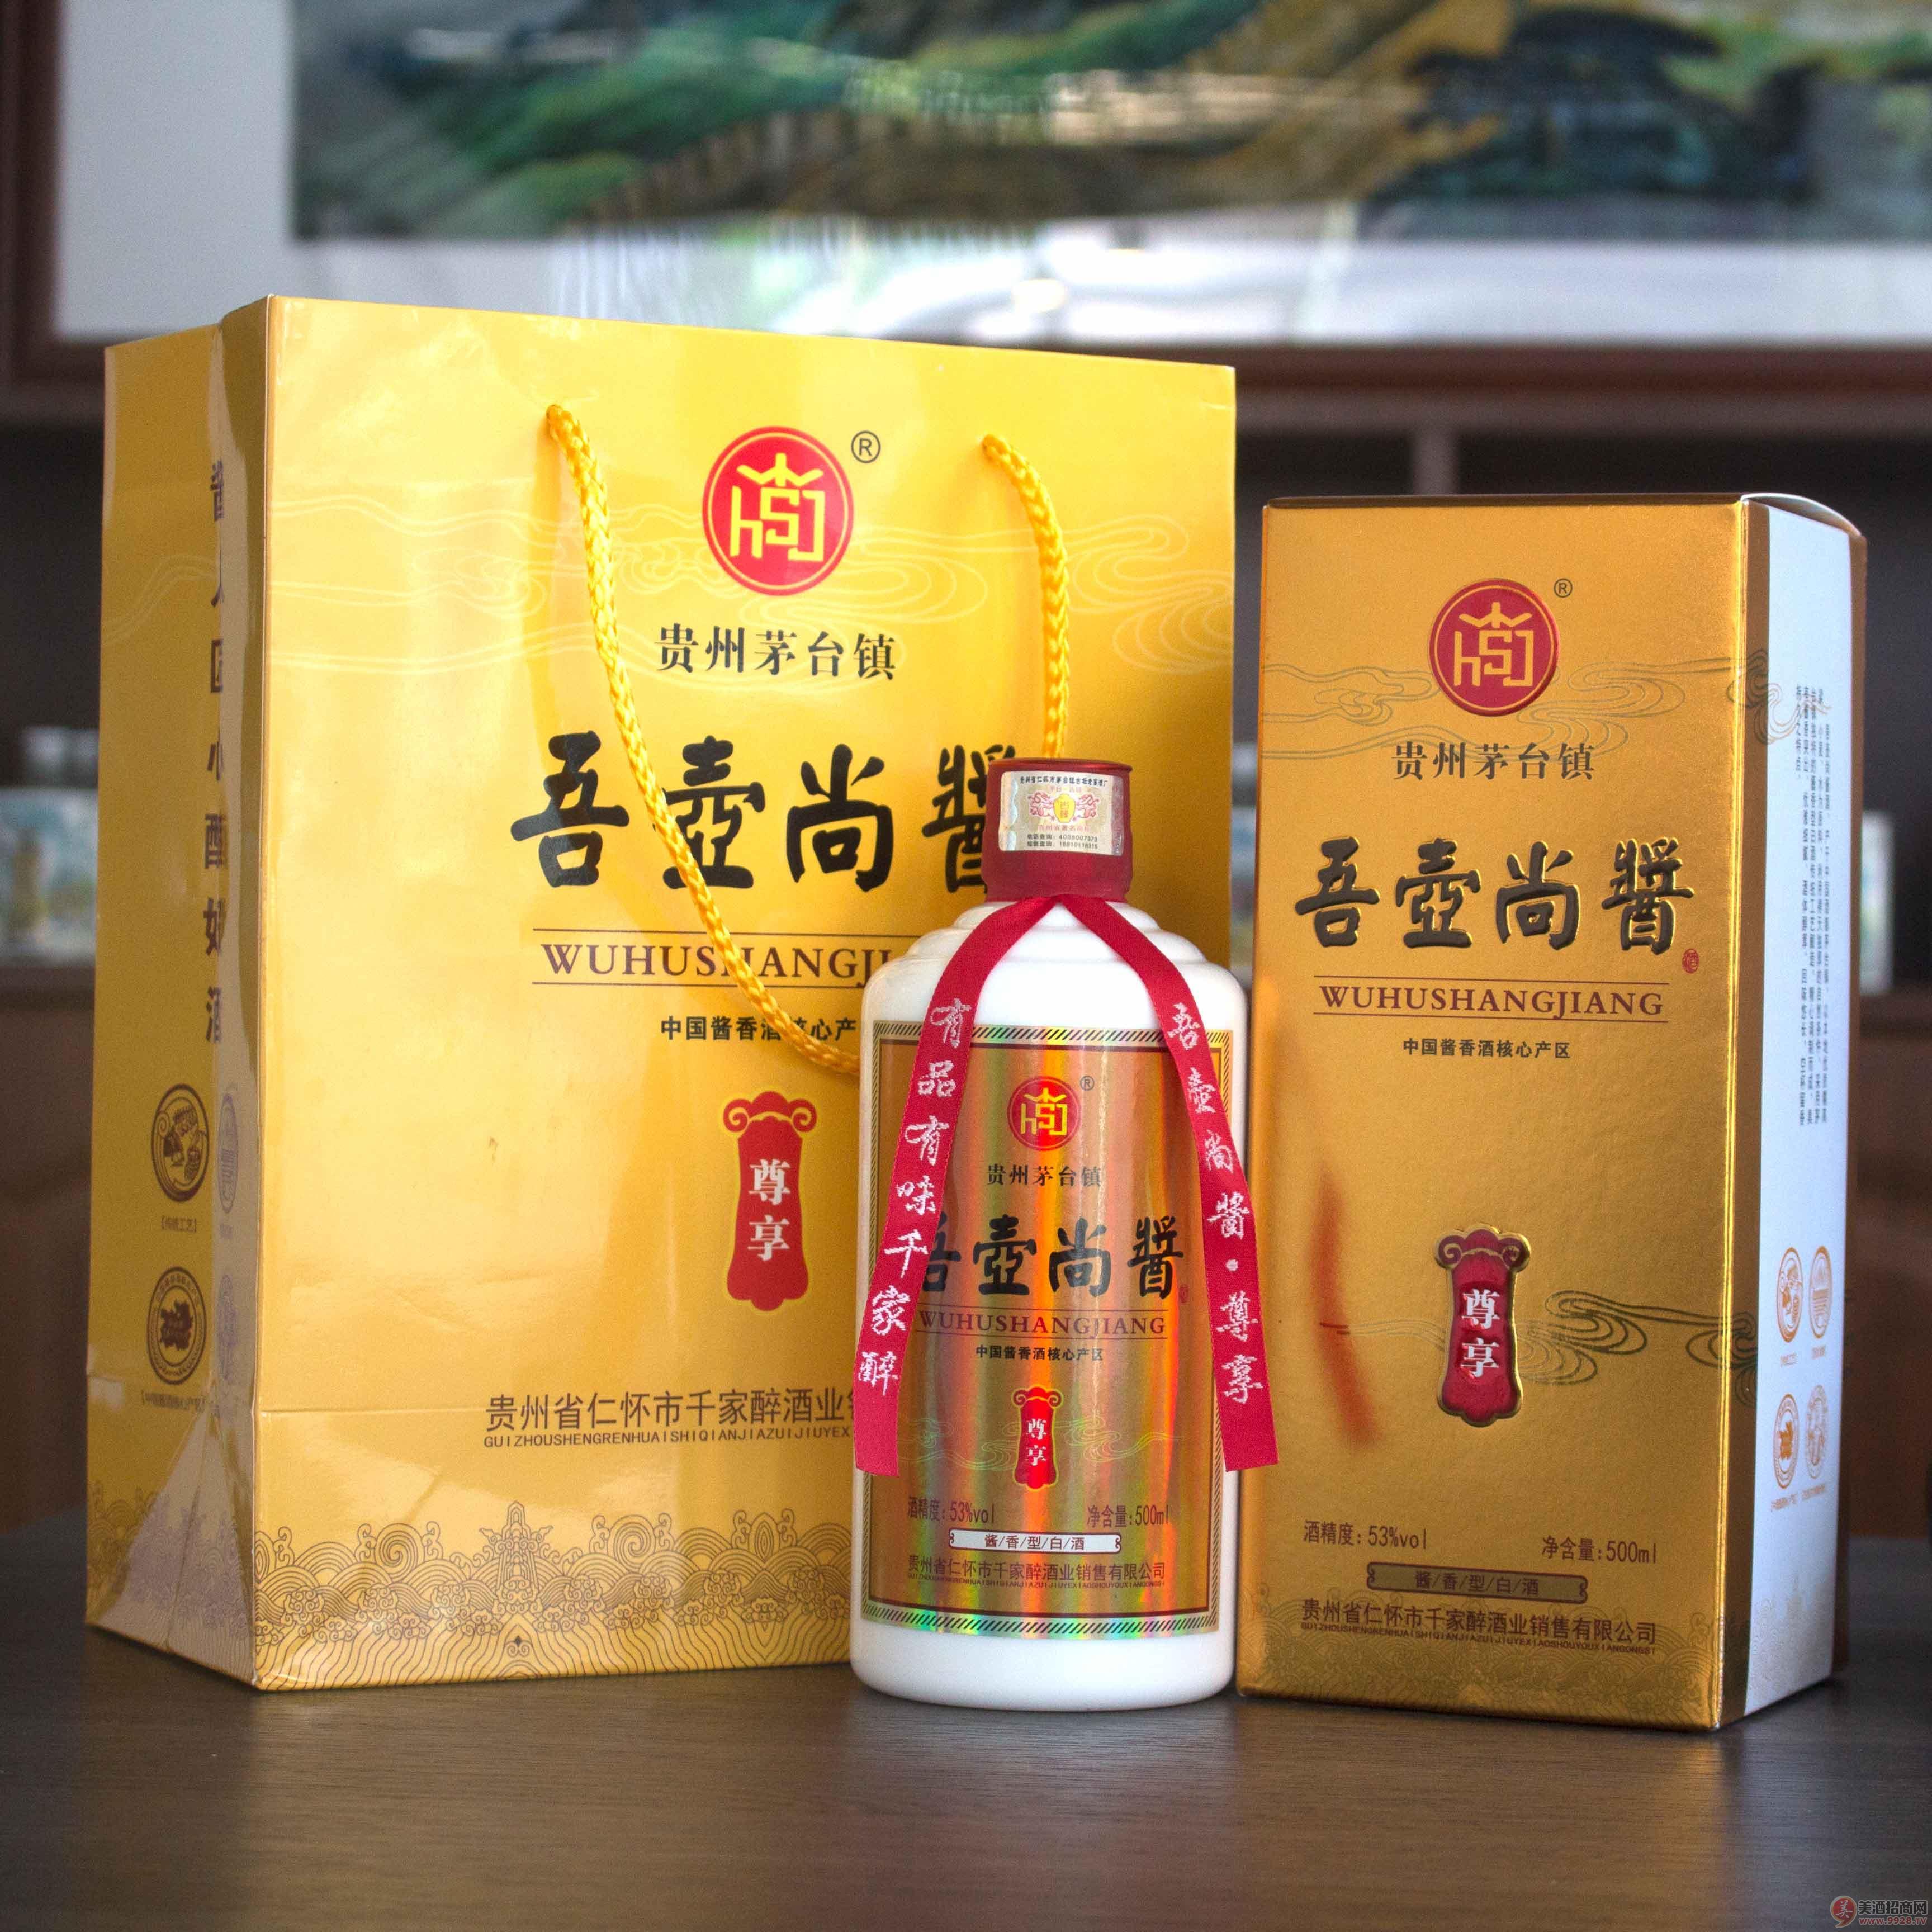 茅台镇酱香型53度纯粮酱香型坤